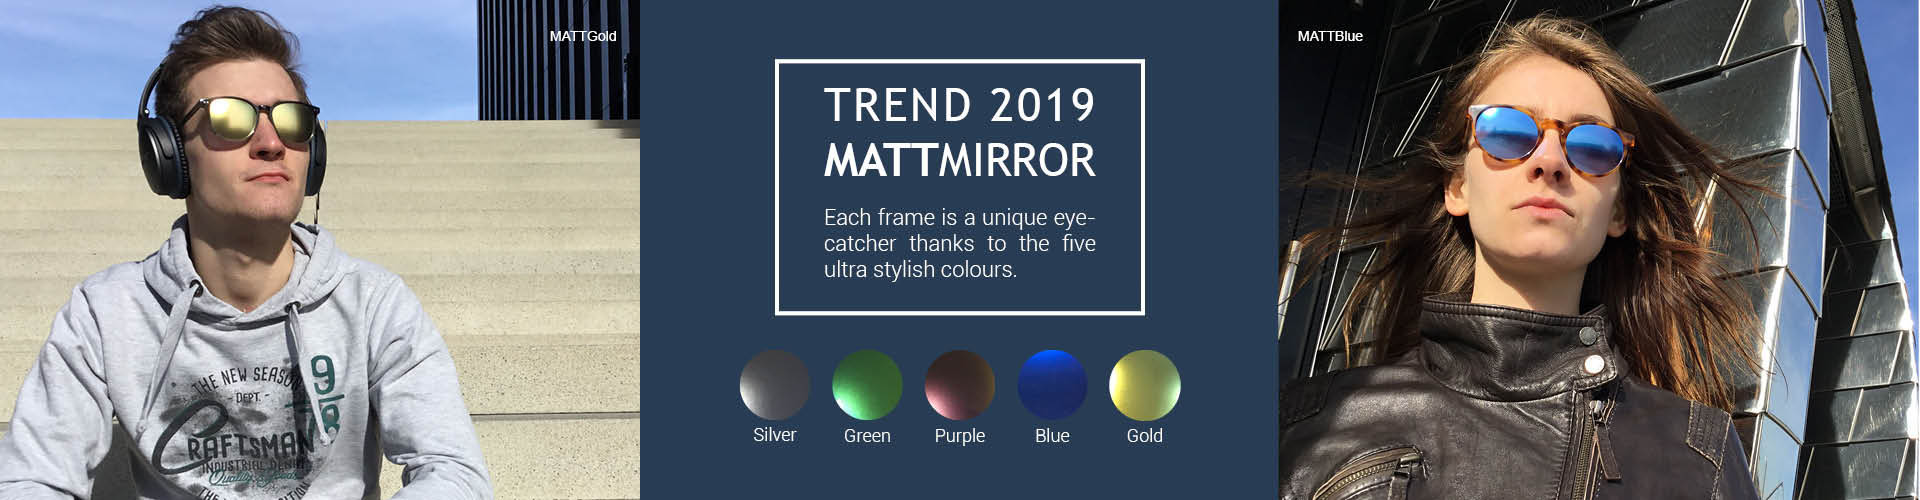 Optix Direct - Transitions Style Colors in den Farben Amethyst und Sapphire für mehr Freiheit zur Anpassung an Fassungsfarbe